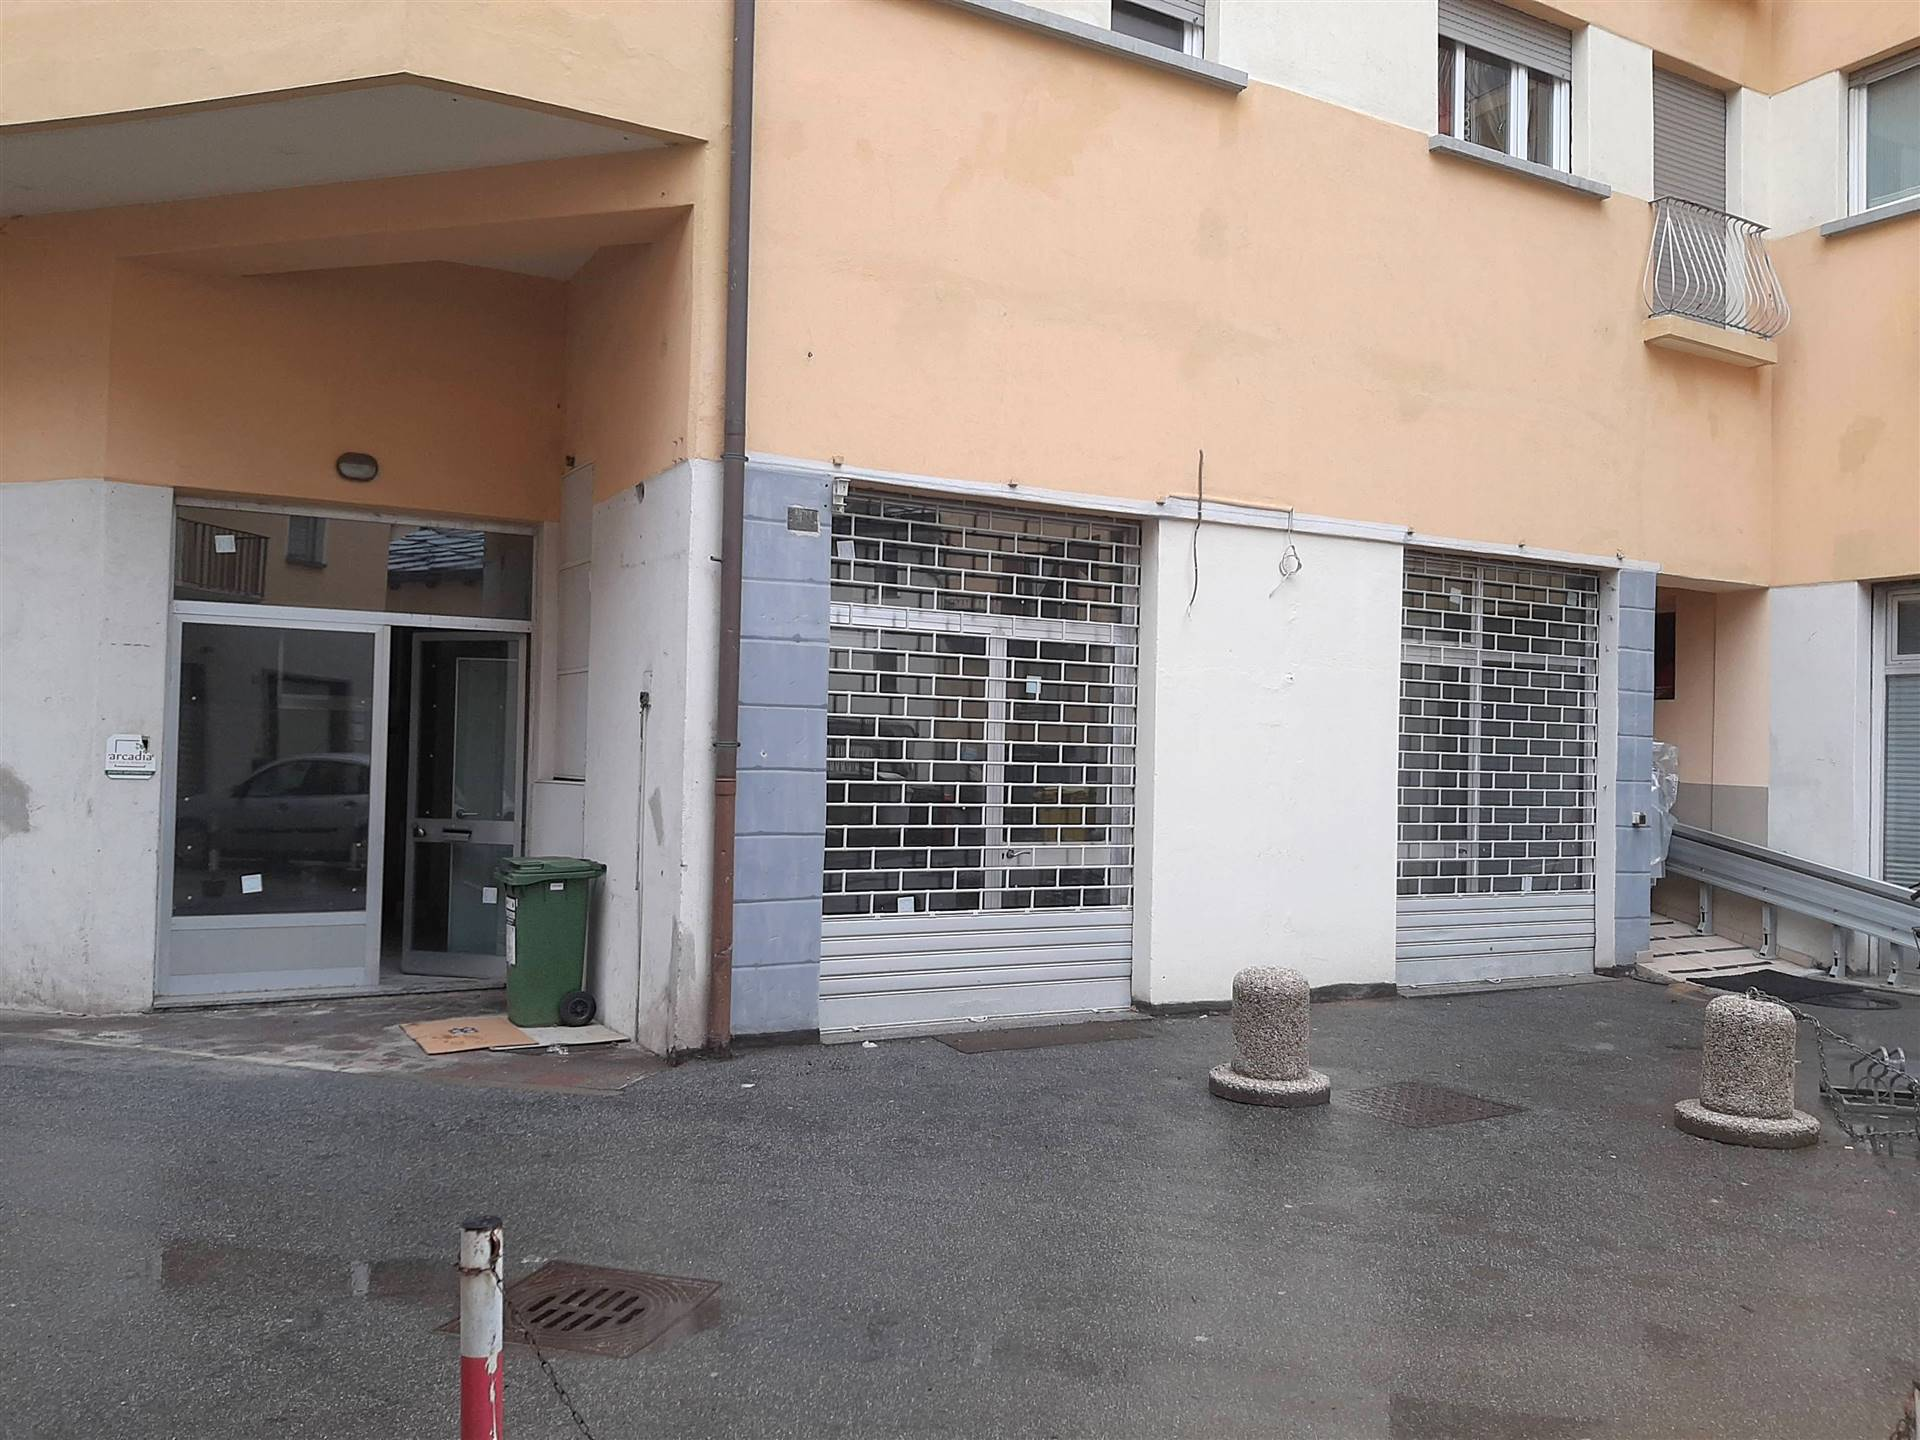 Ufficio / Studio in affitto a Aosta, 4 locali, zona ro, prezzo € 700 | PortaleAgenzieImmobiliari.it